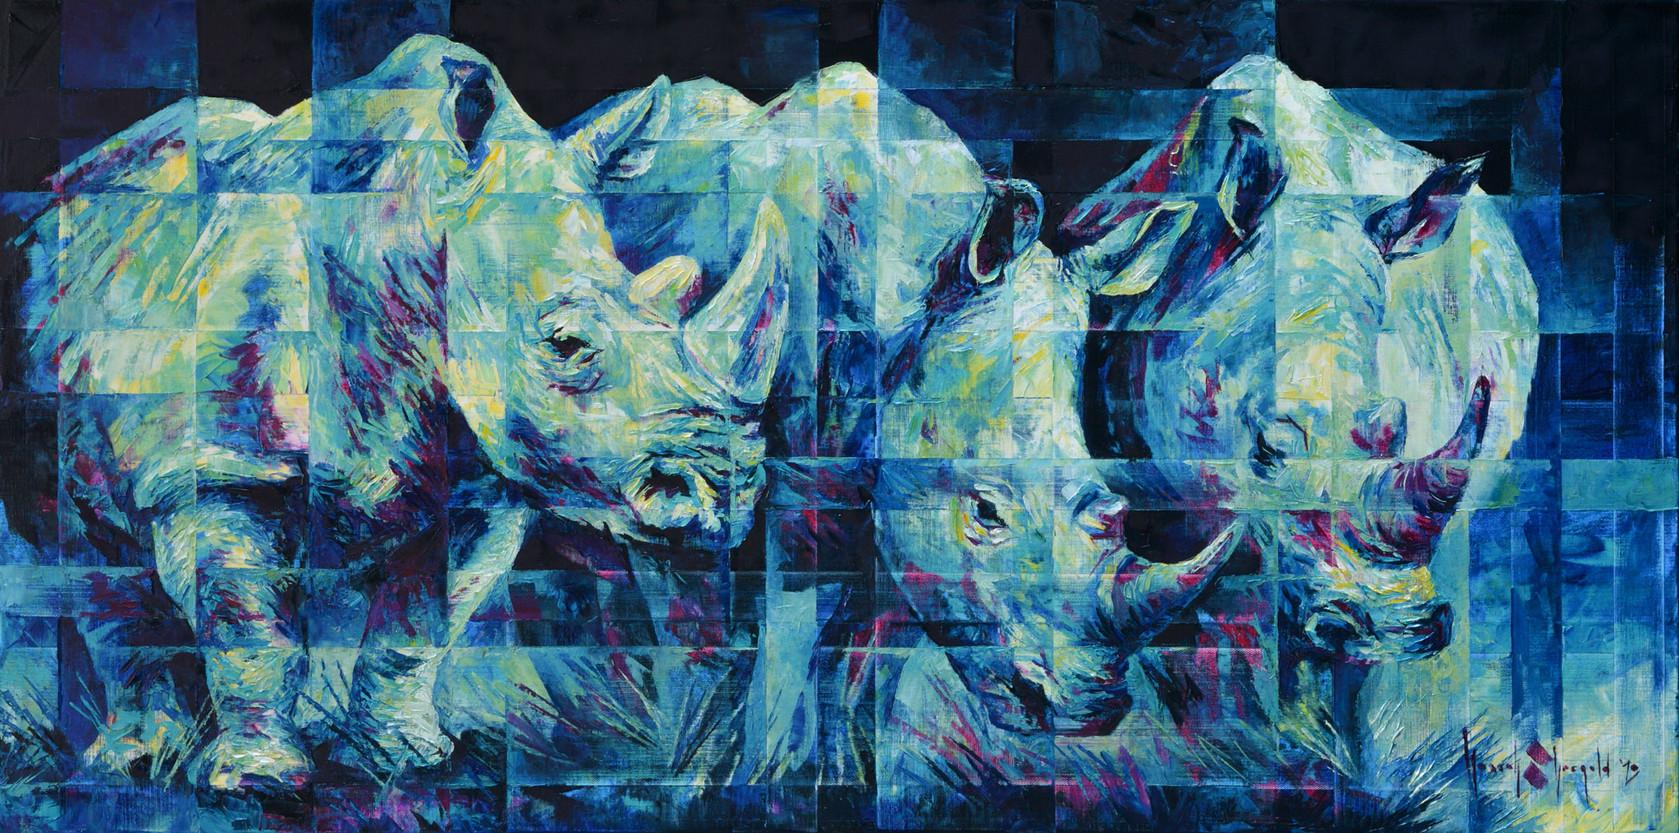 Spearmint Rhinos